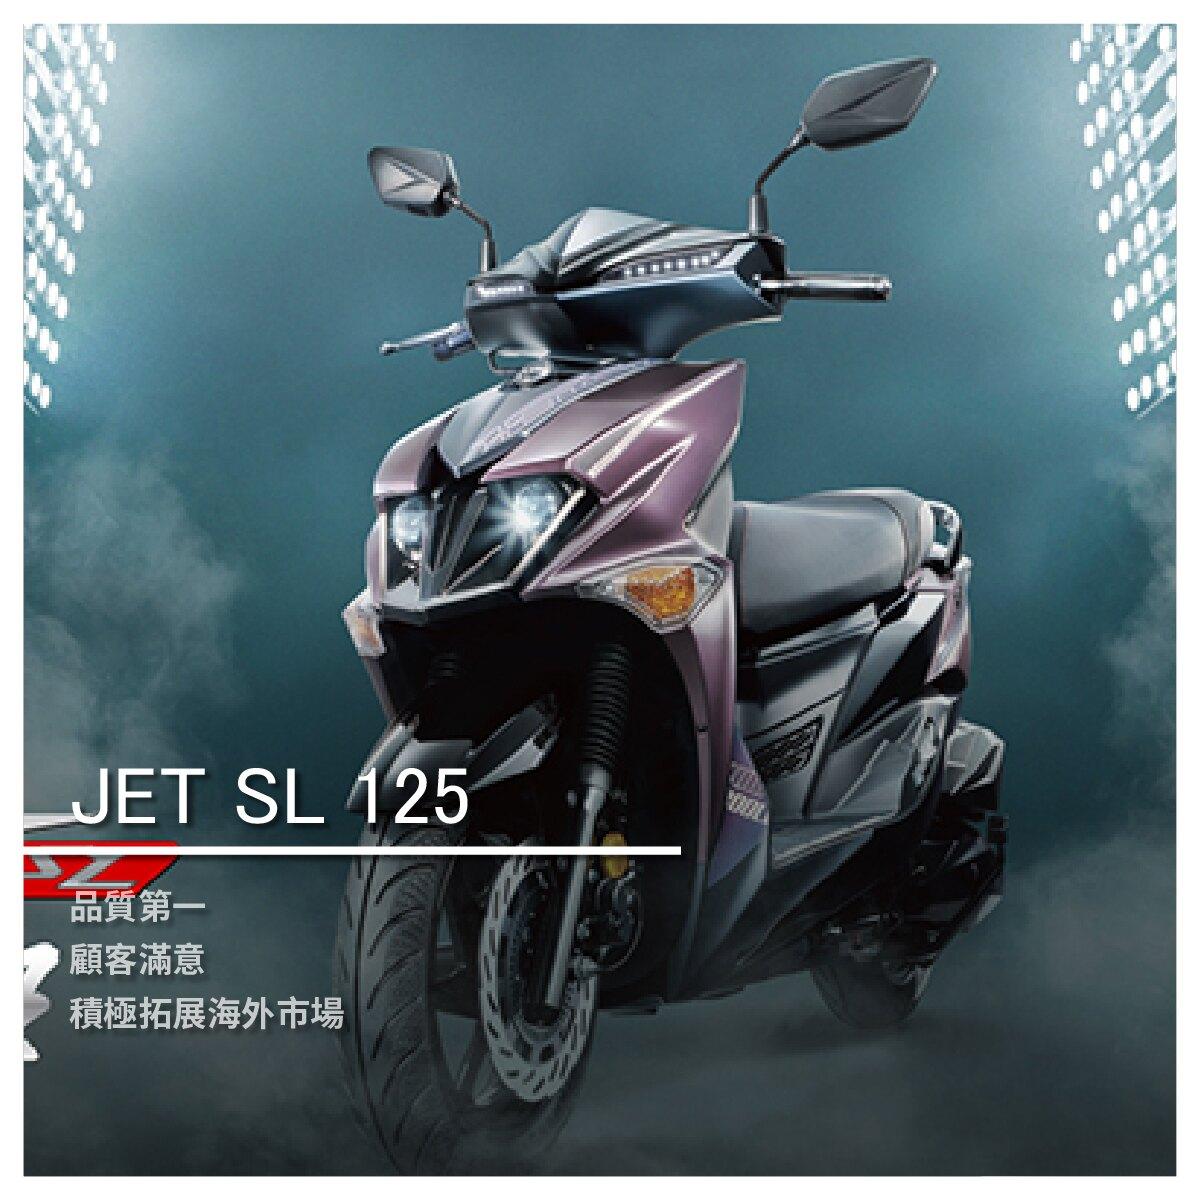 【SYM三陽機車-鋐安車業】JET SL 125/98800起